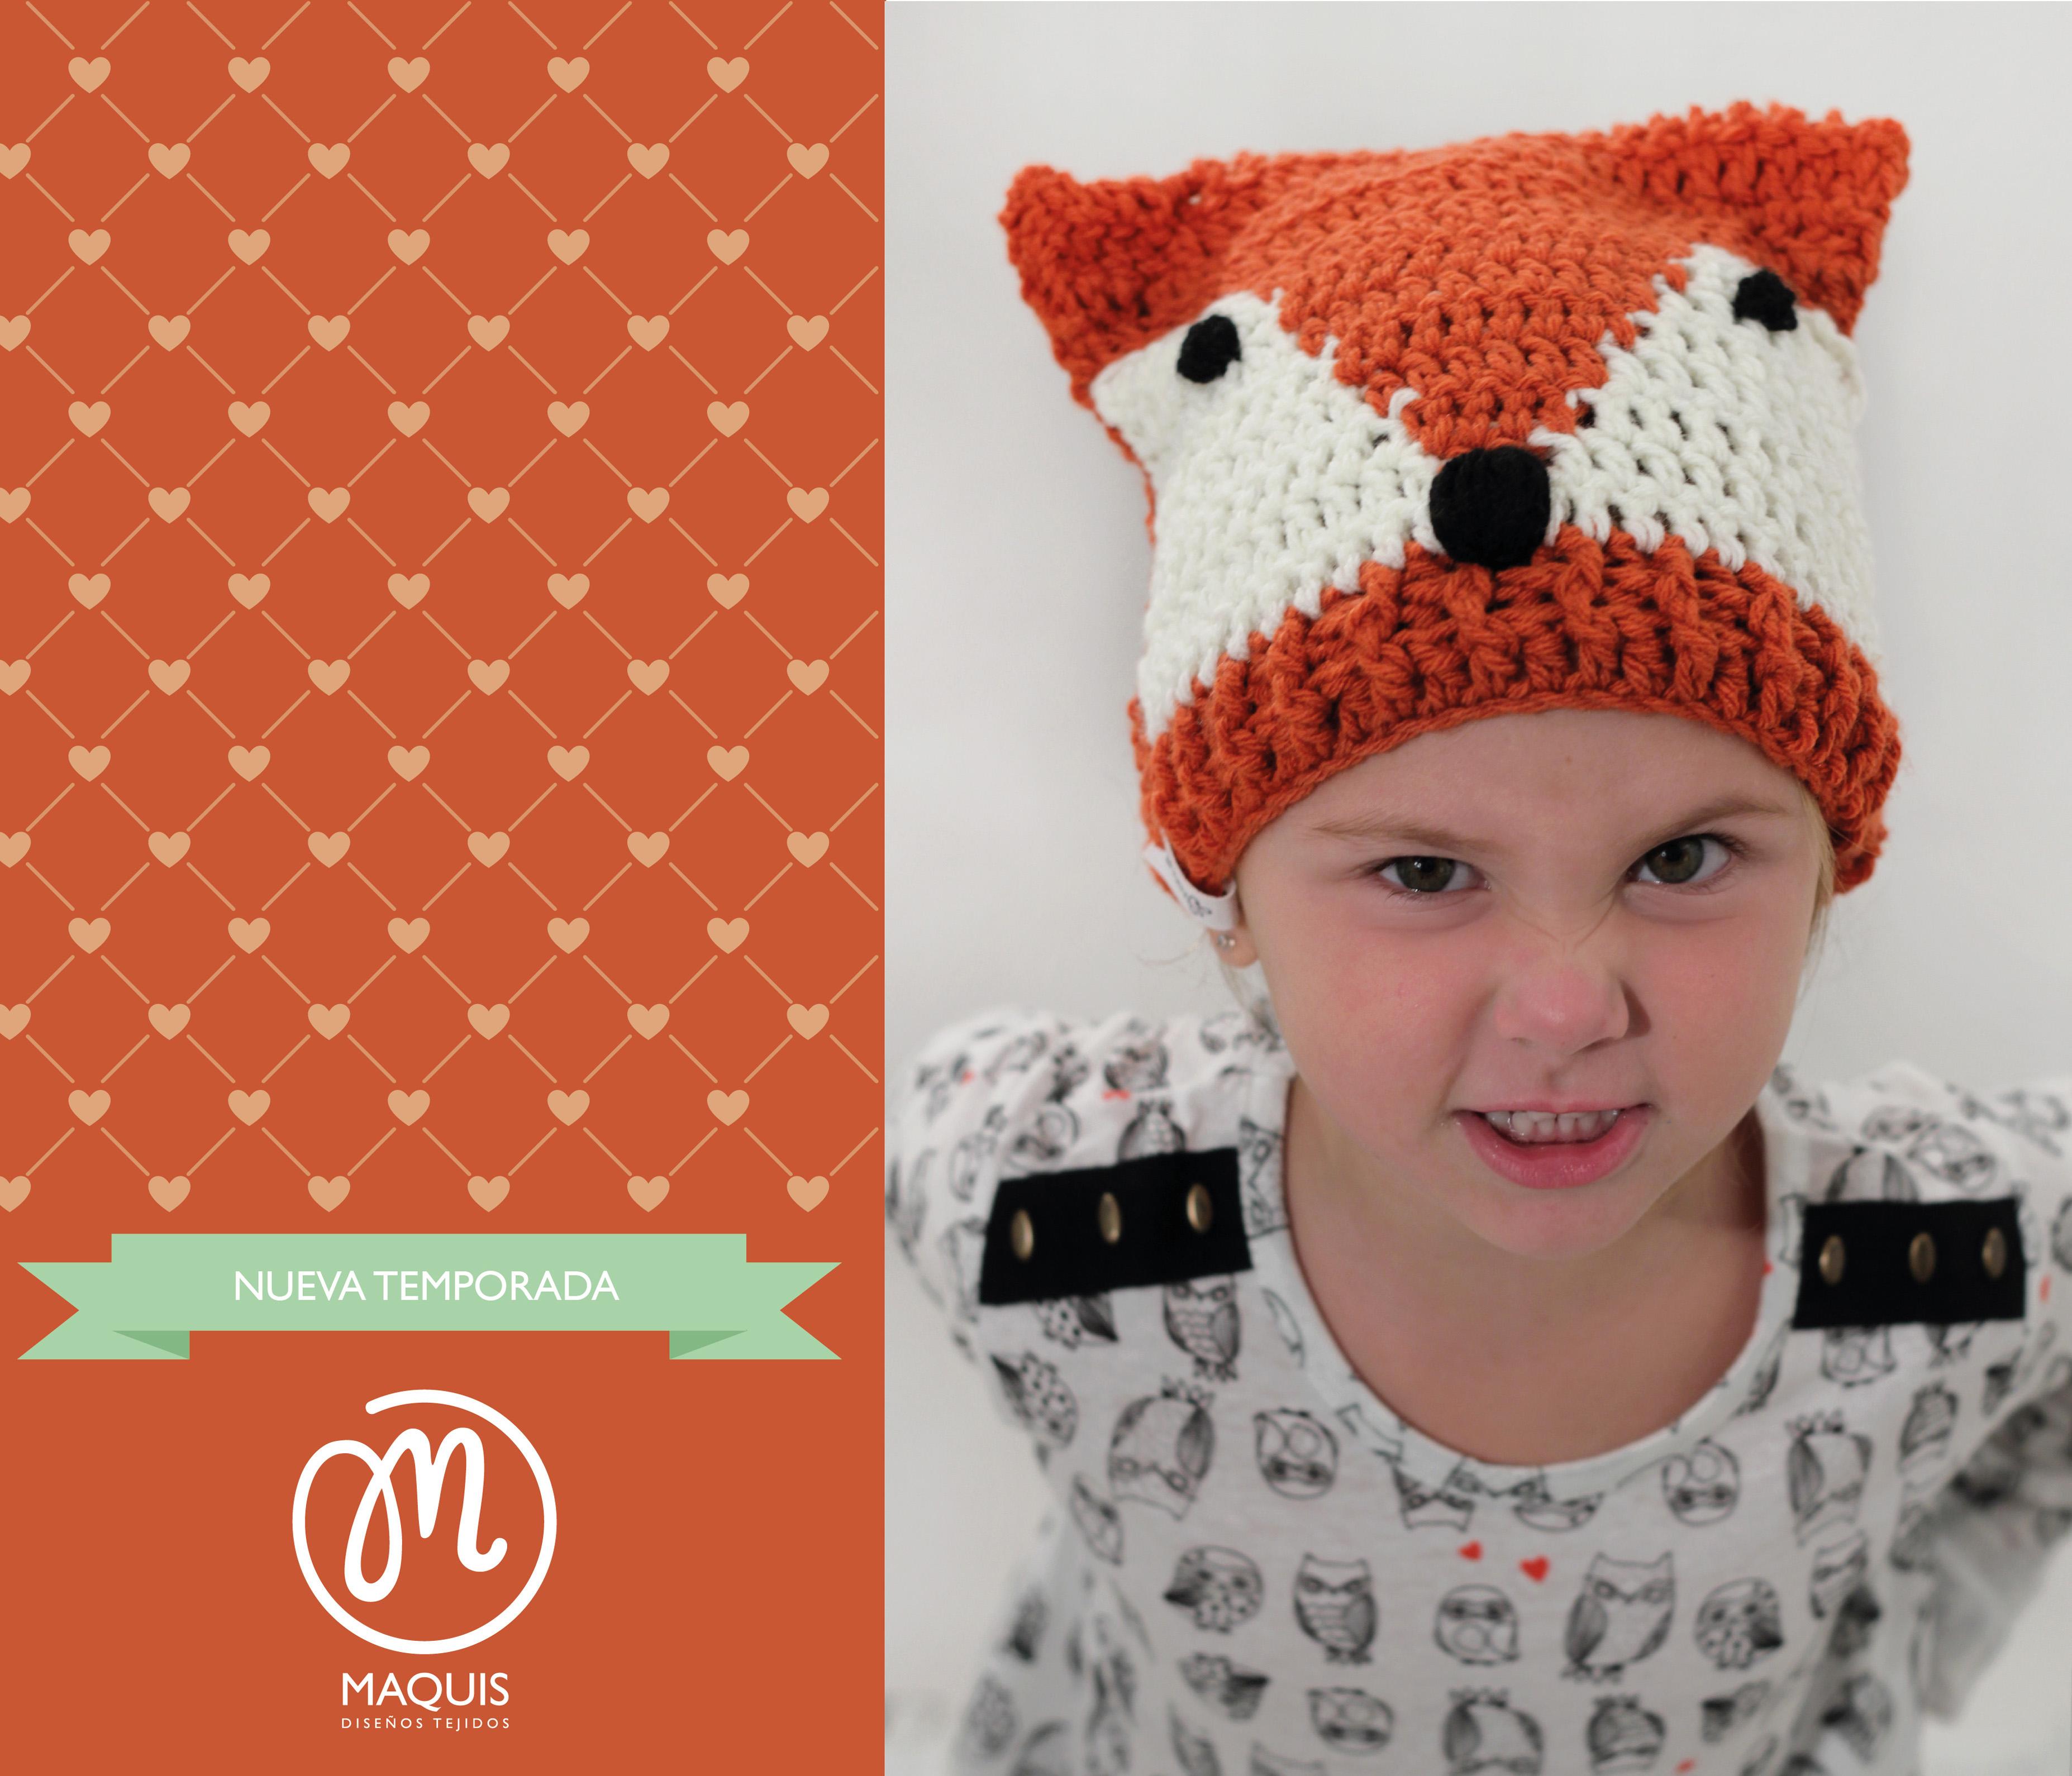 Gorro crochet zorrito · BUFANDA MULTICOLOR 2. Maquis tiene para esta nueva  temporada tejidos ... 7e0ef2d6a46